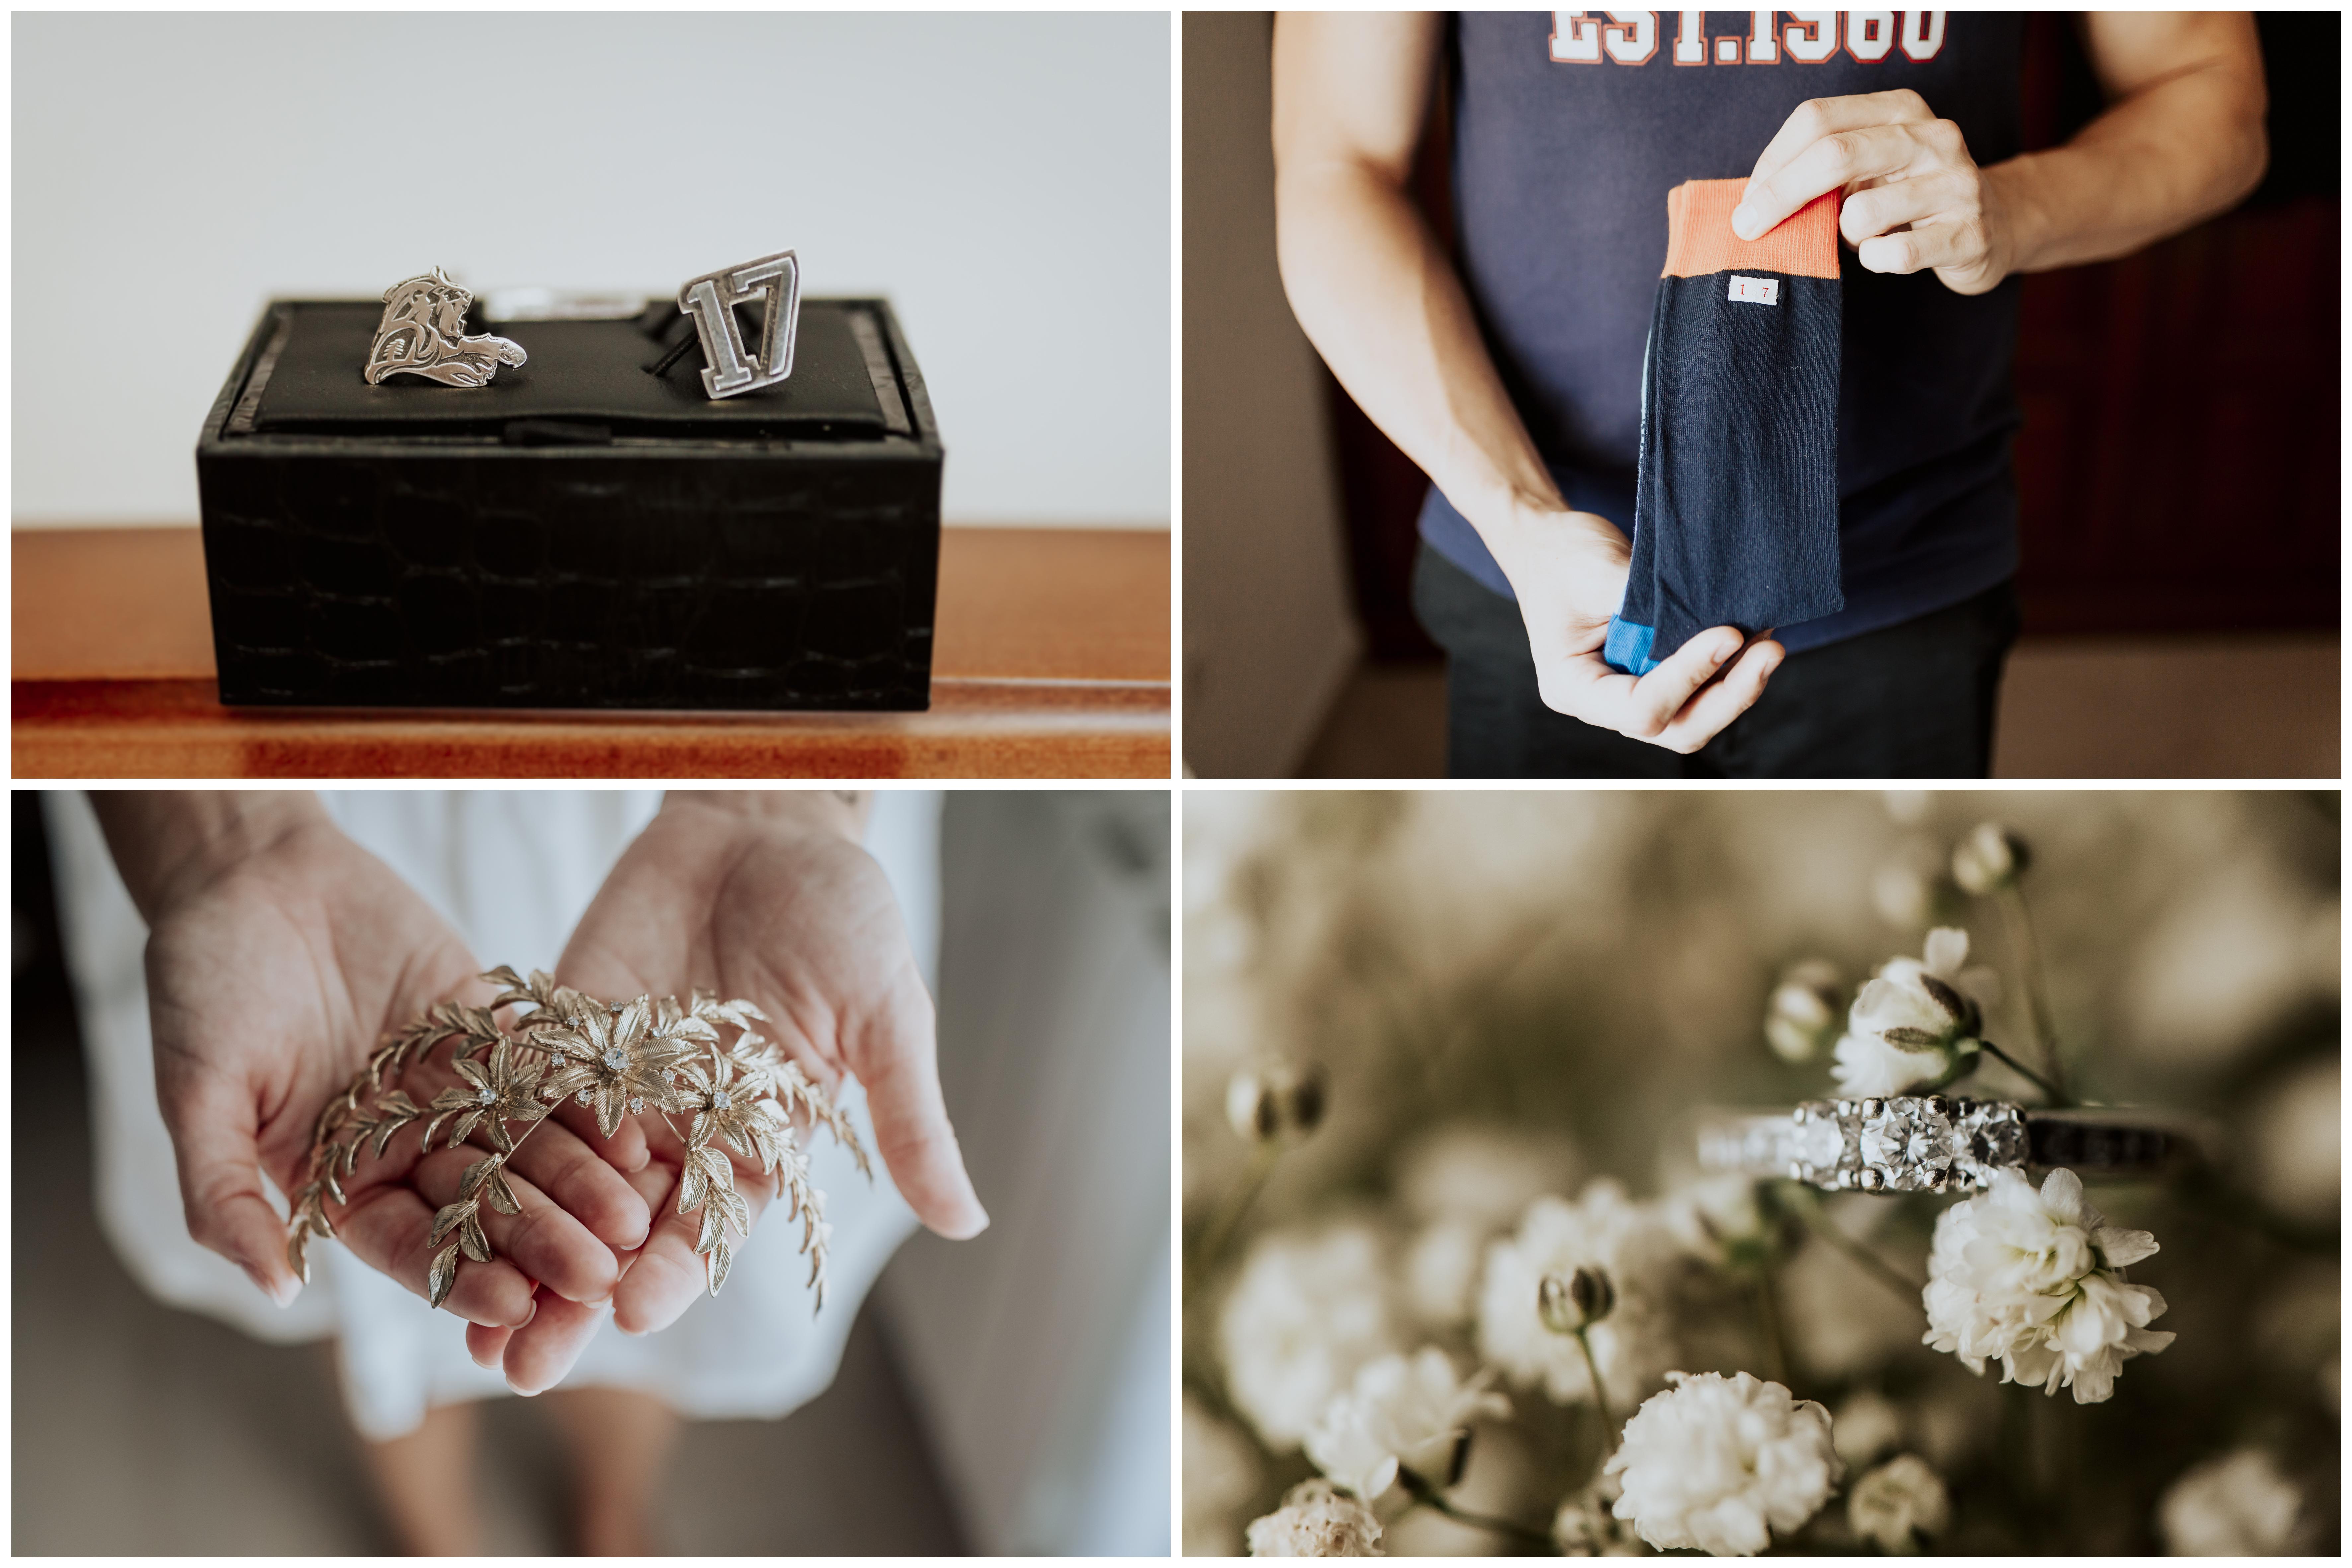 garatefotografia-fotografo-boda-Granada (2)